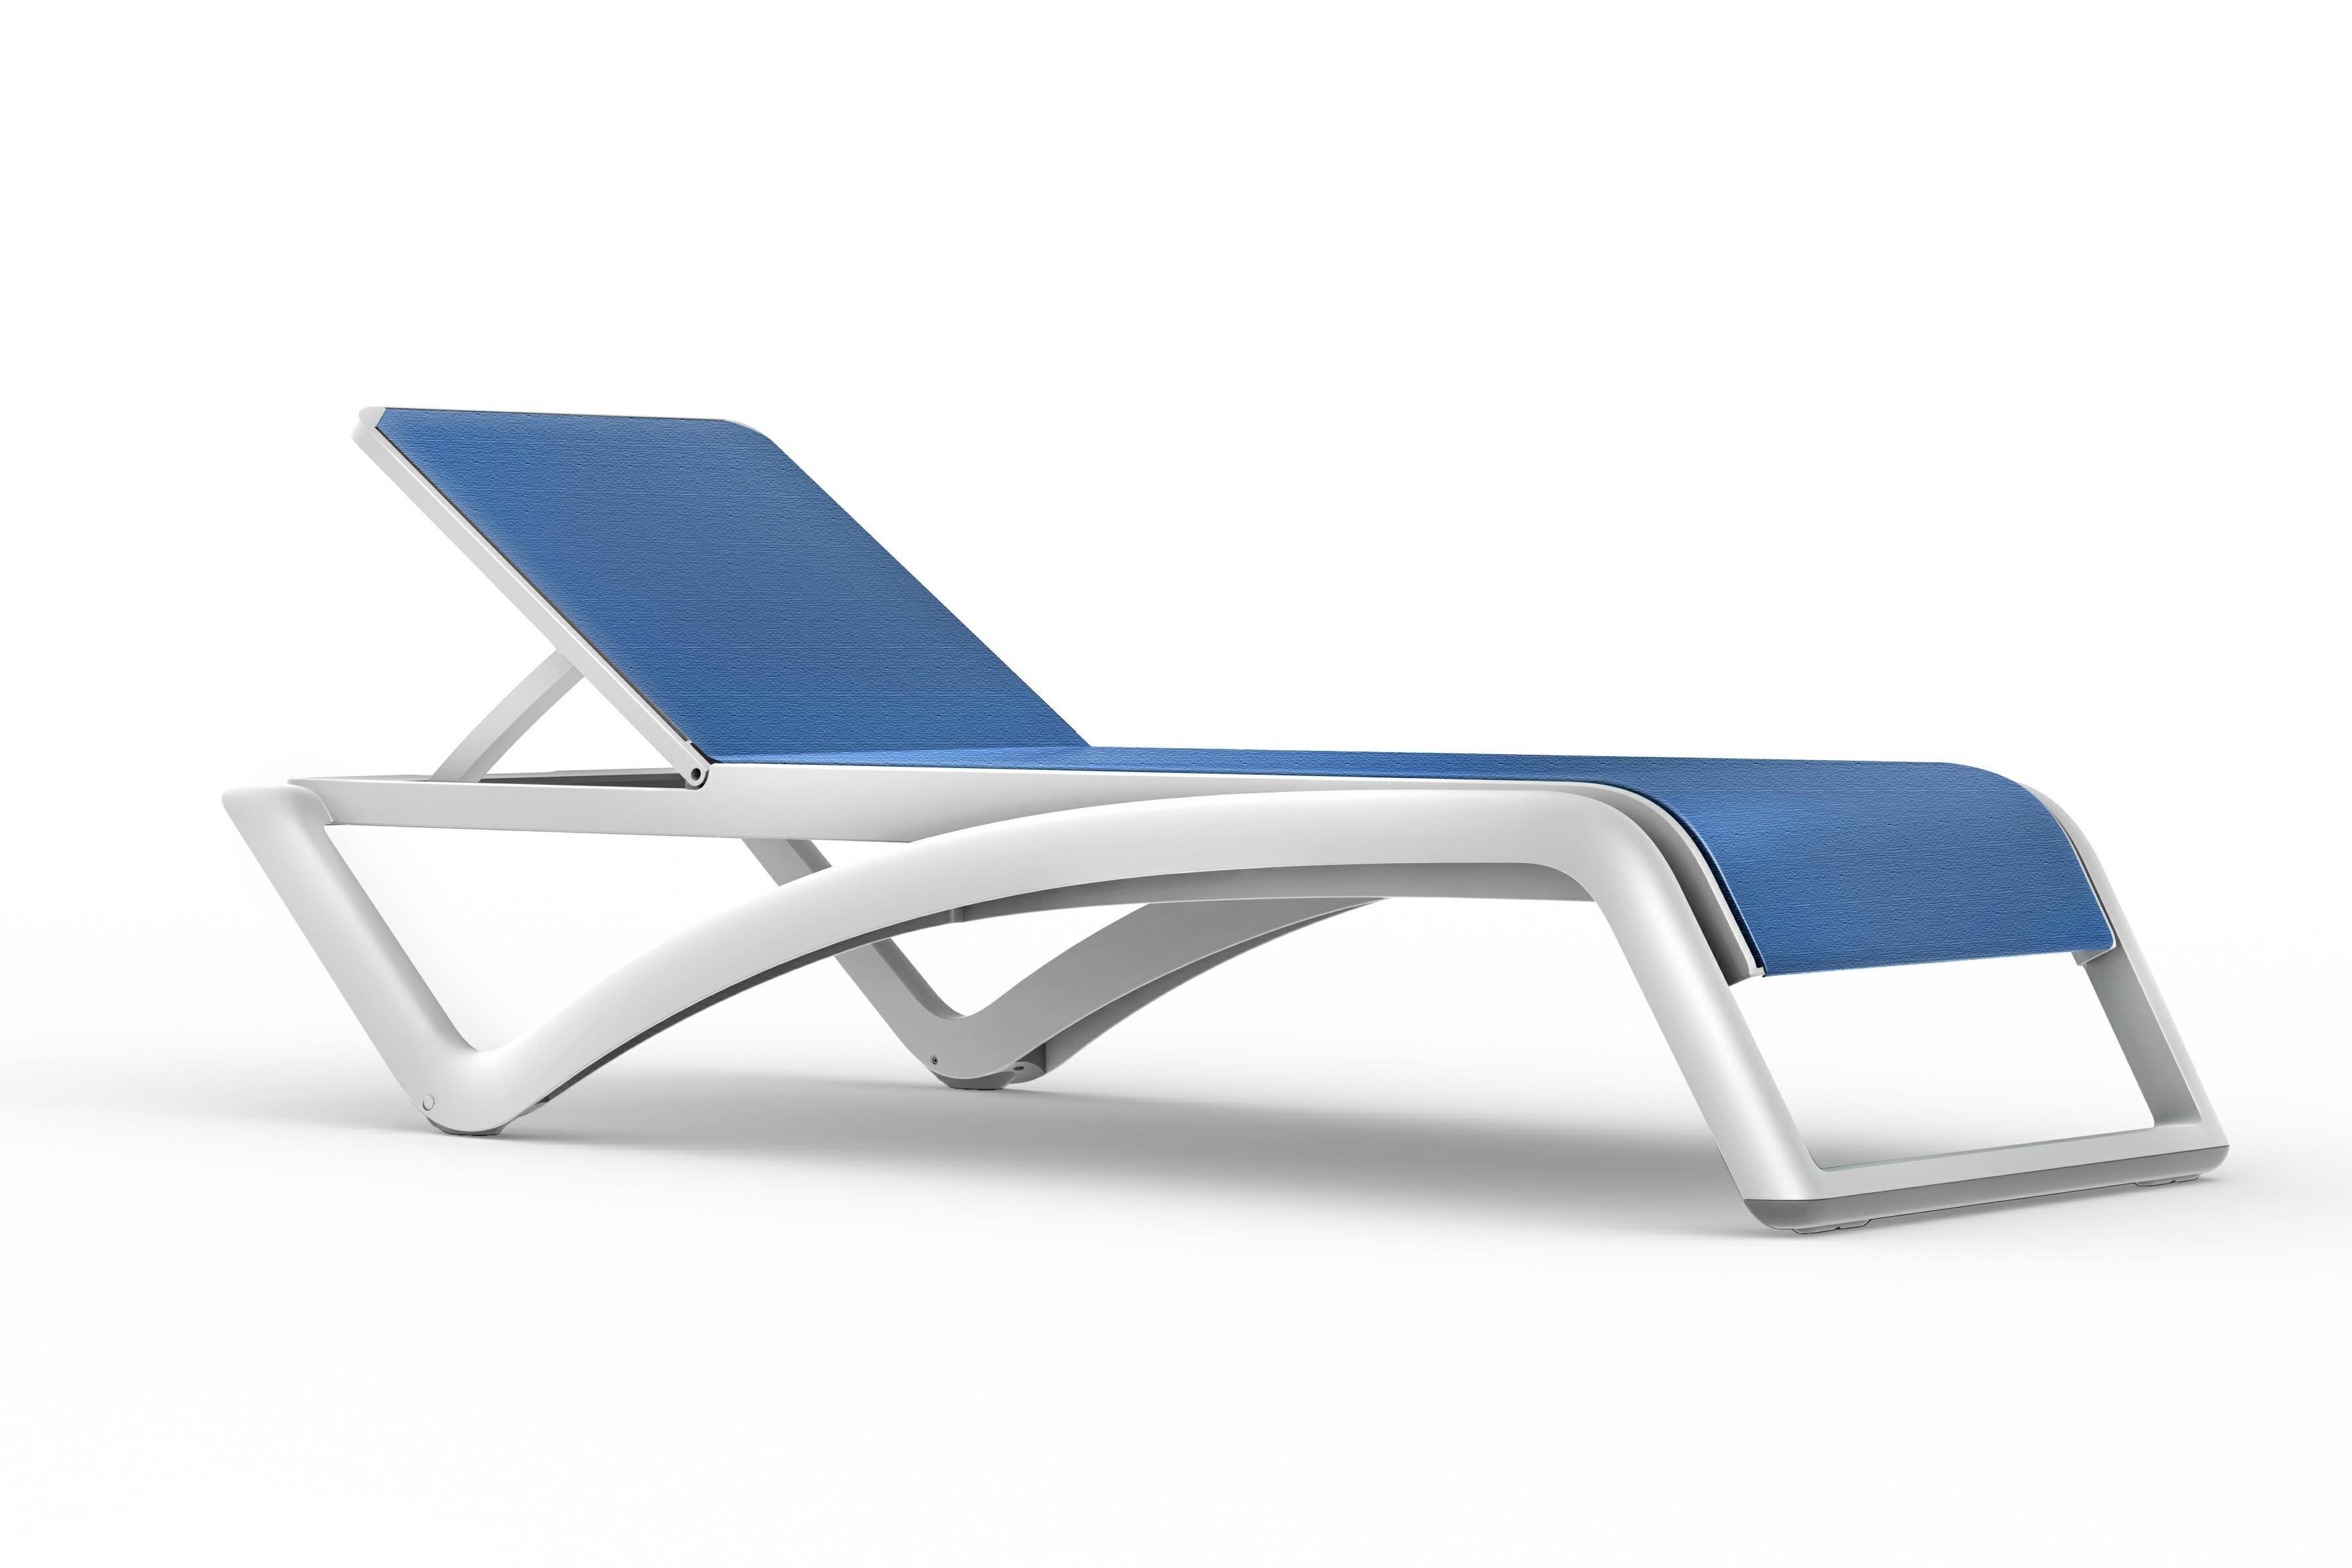 Leżak Sky Club Biały / niebieski - zdjęcie nr 0